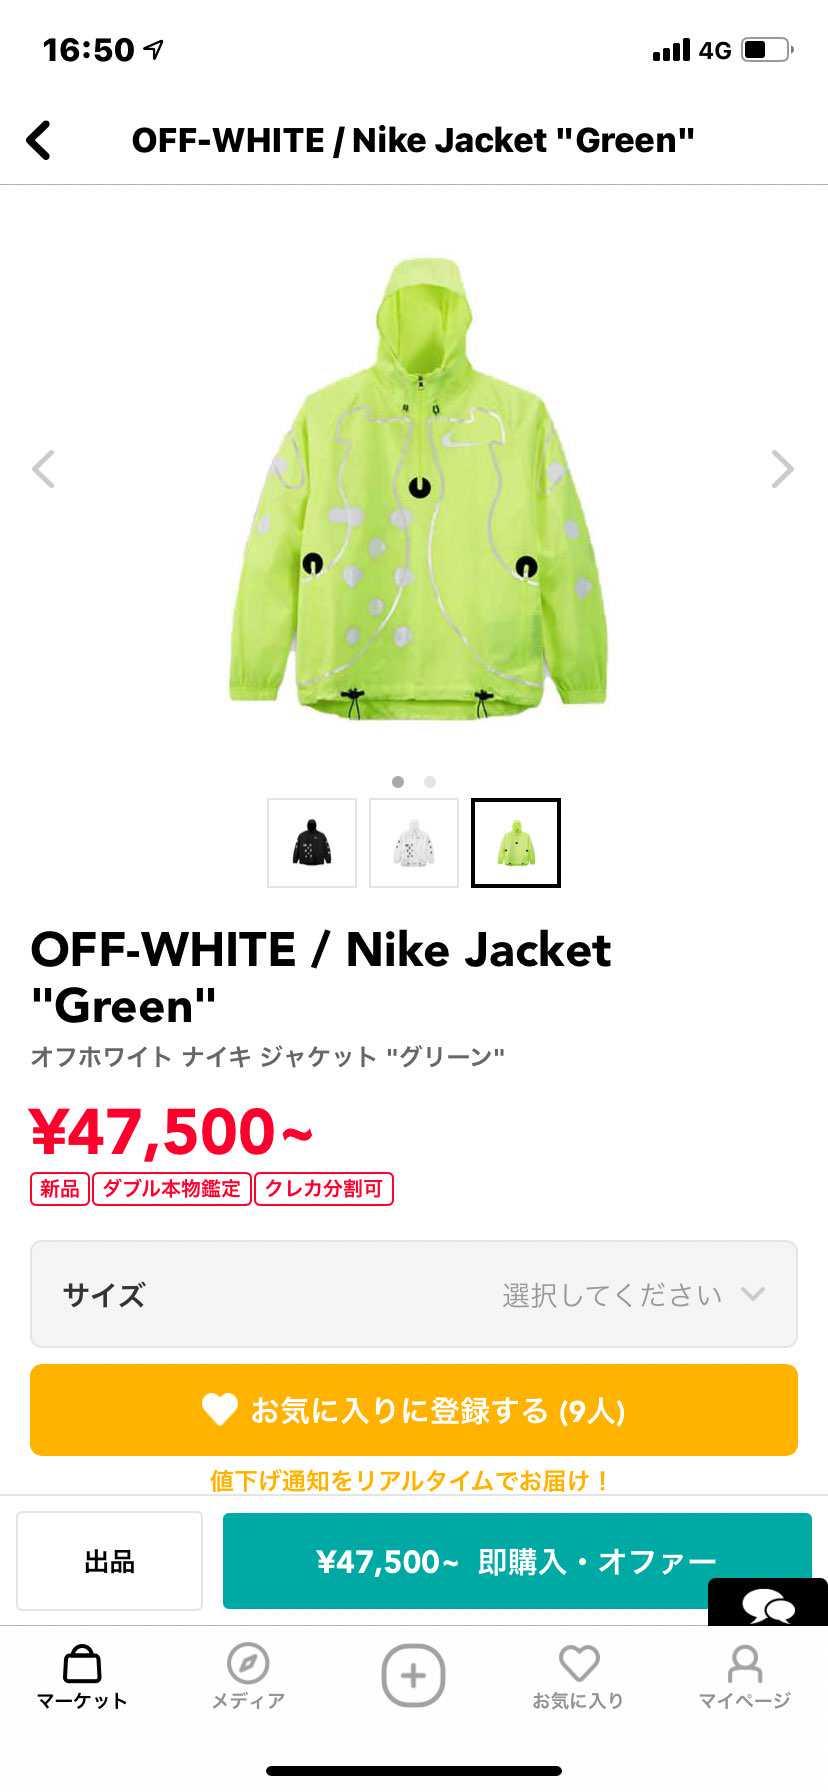 このジャケット数少なかったのかな? 買うならボルト?